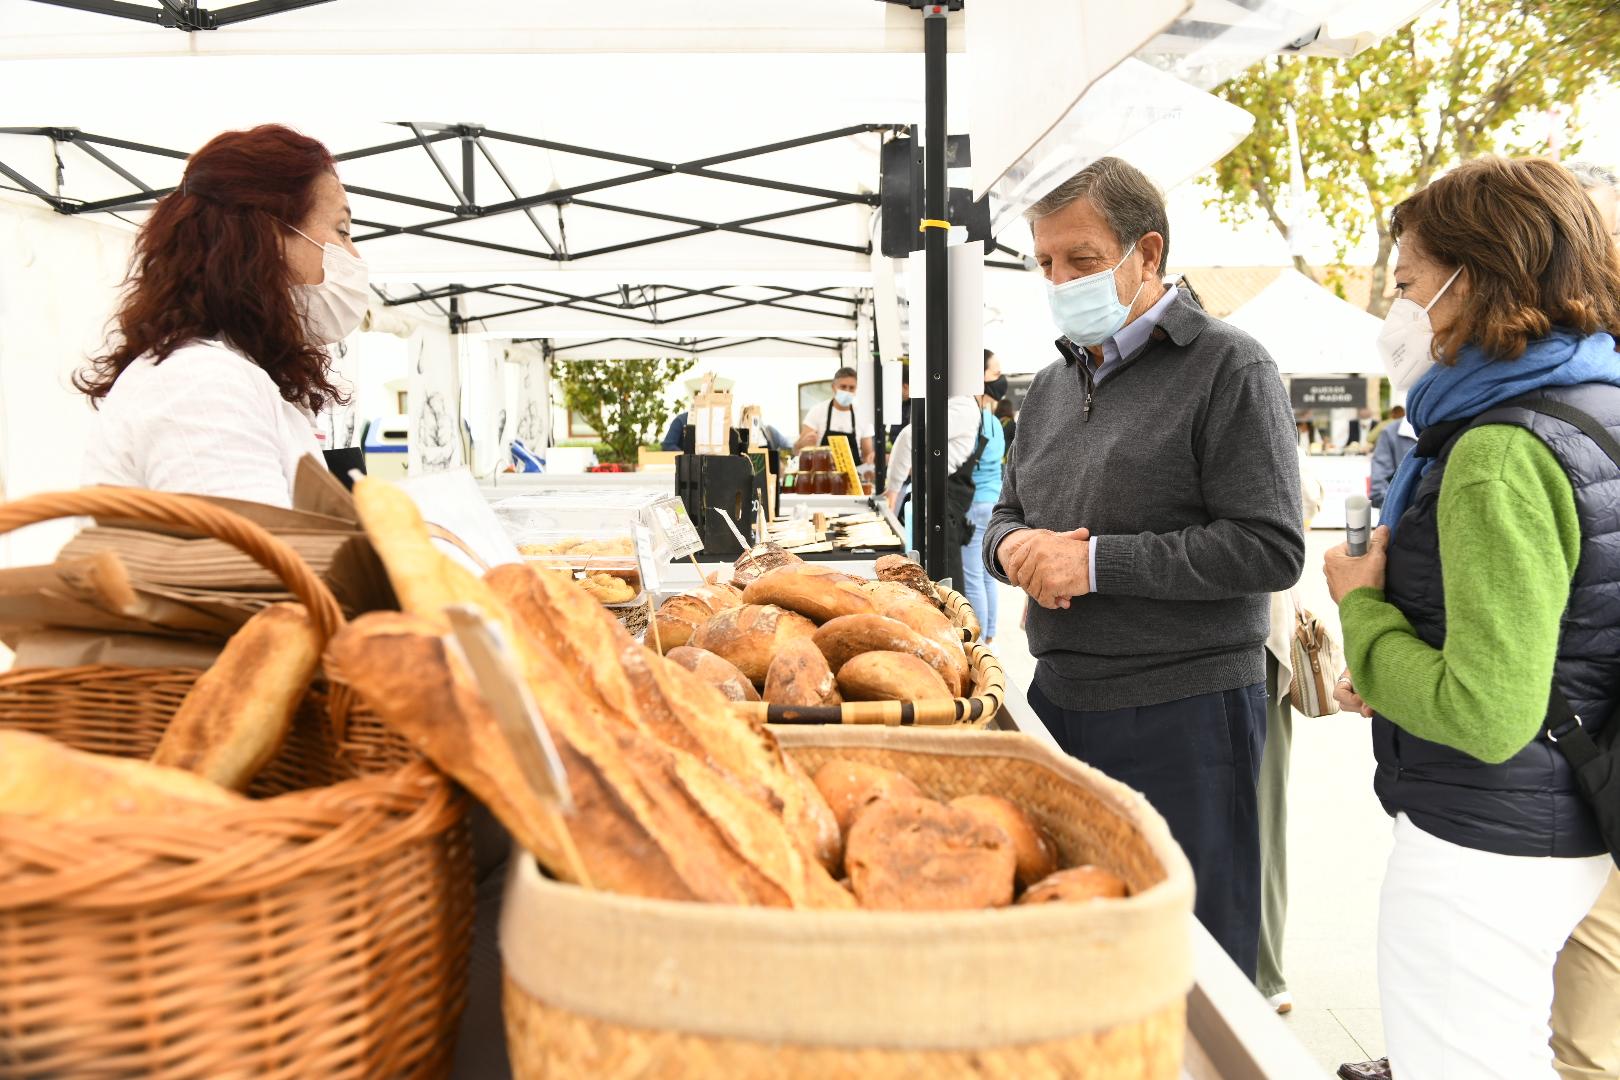 El alcalde y la coordinadora de la CM visitando el puesto de pan ecológico.